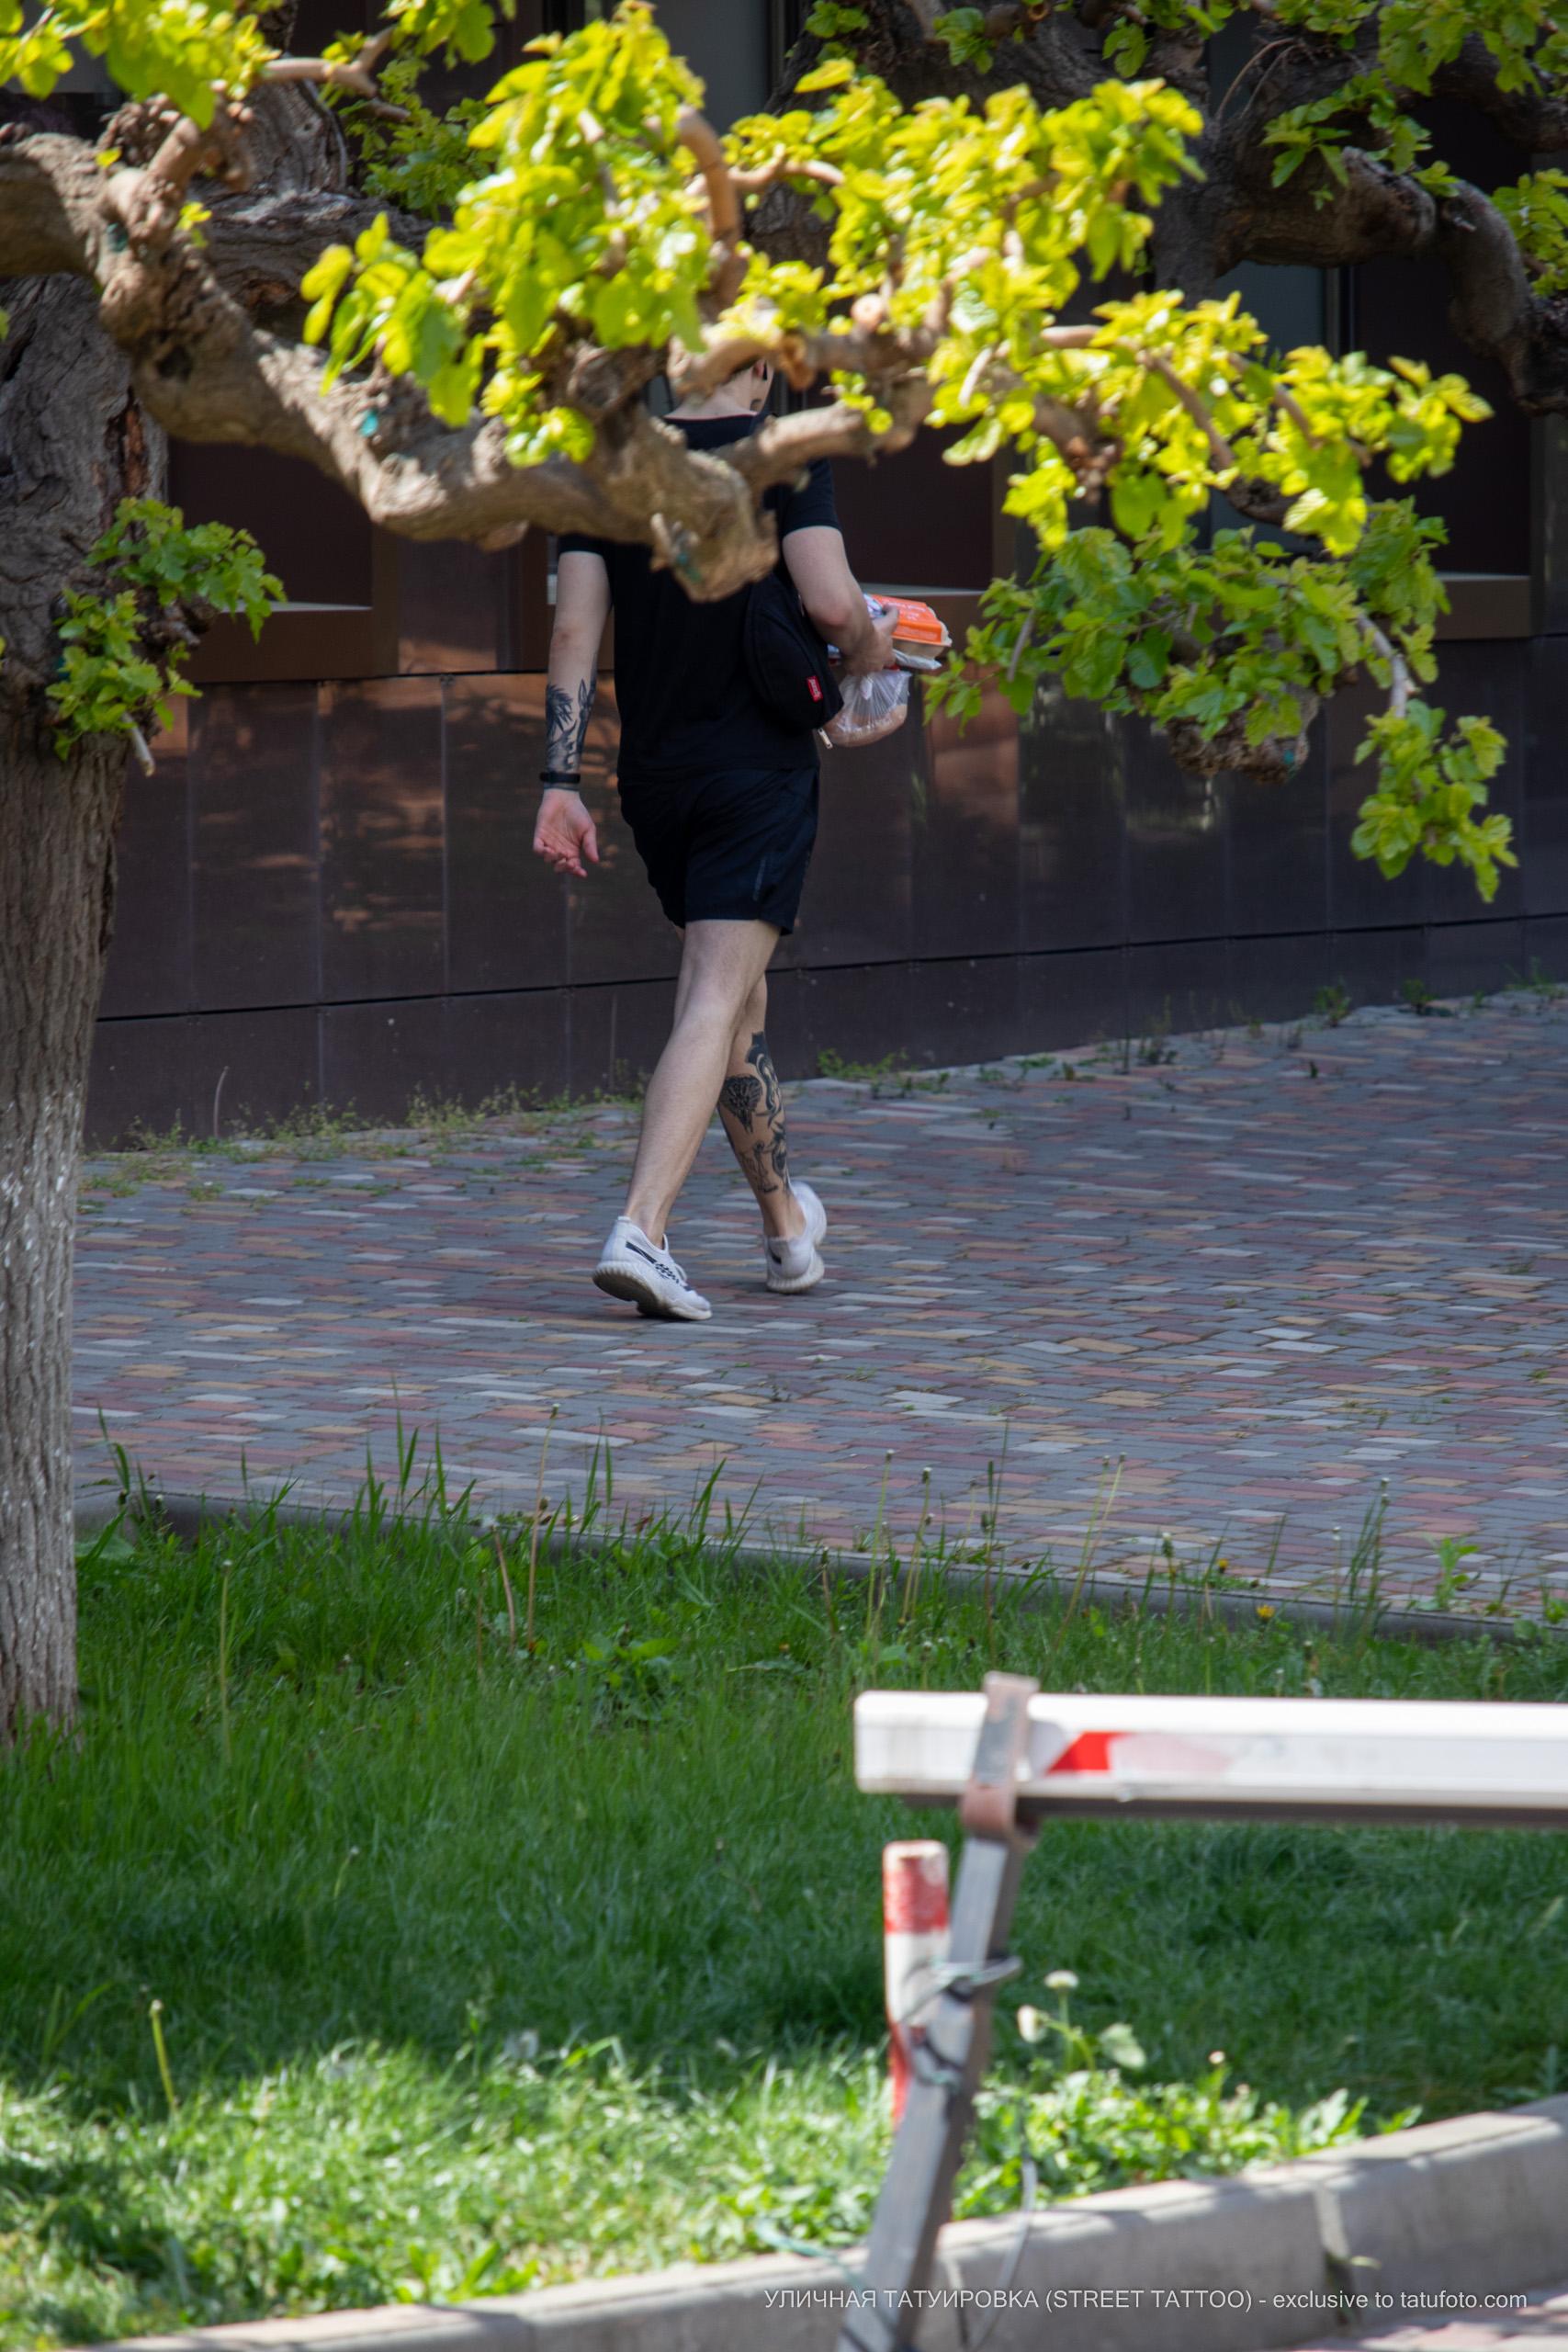 Фото хендпоук тату на ноге парня с коброй и приведением – 09.05.2020 - Уличная татуировка (Street tattoo) – tatufoto.com 3